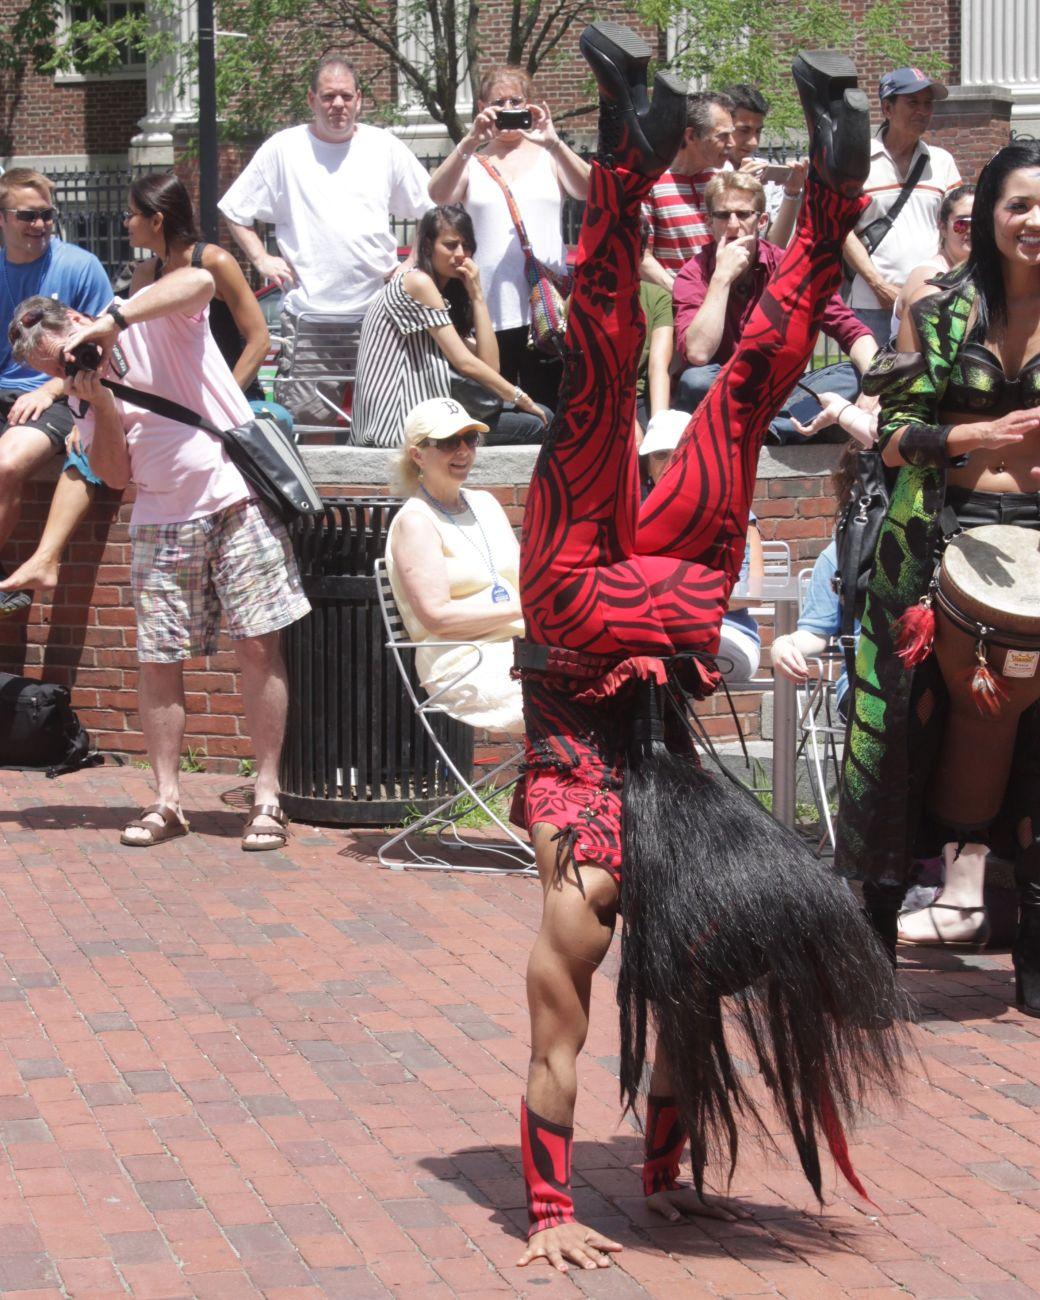 boston harvard square cirque du soleil performers 16